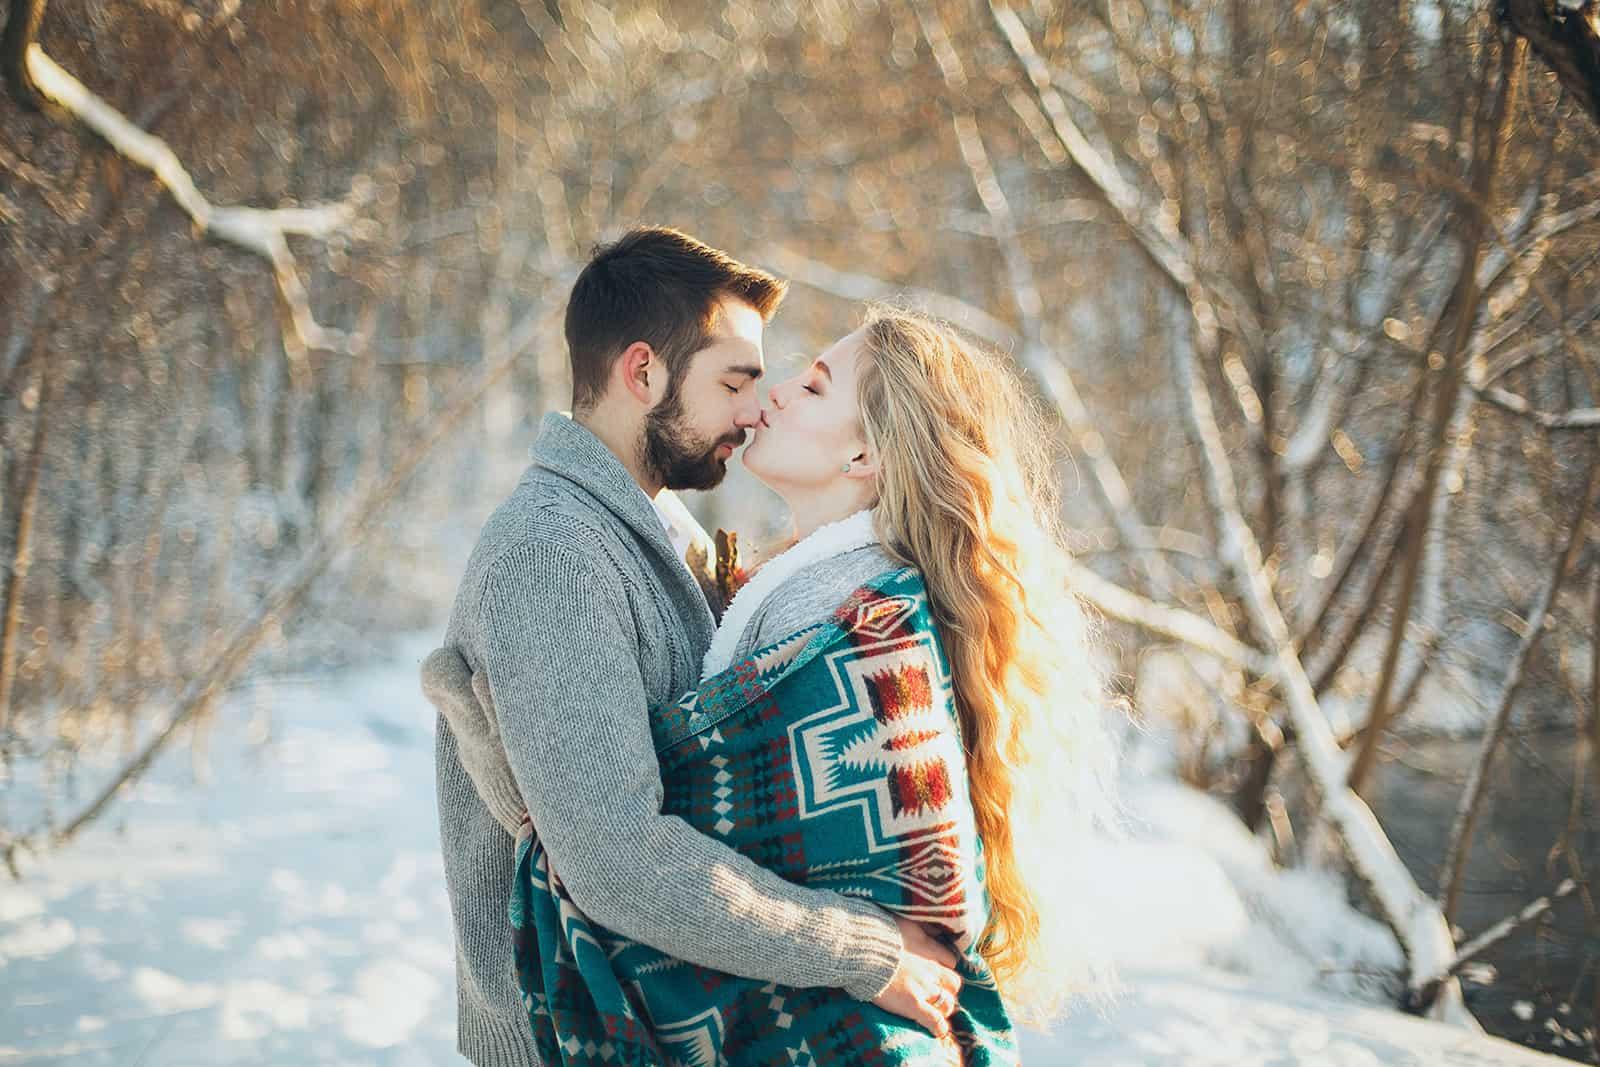 une femme embrassant son homme dans un nez tout en serrant et debout sur une neige